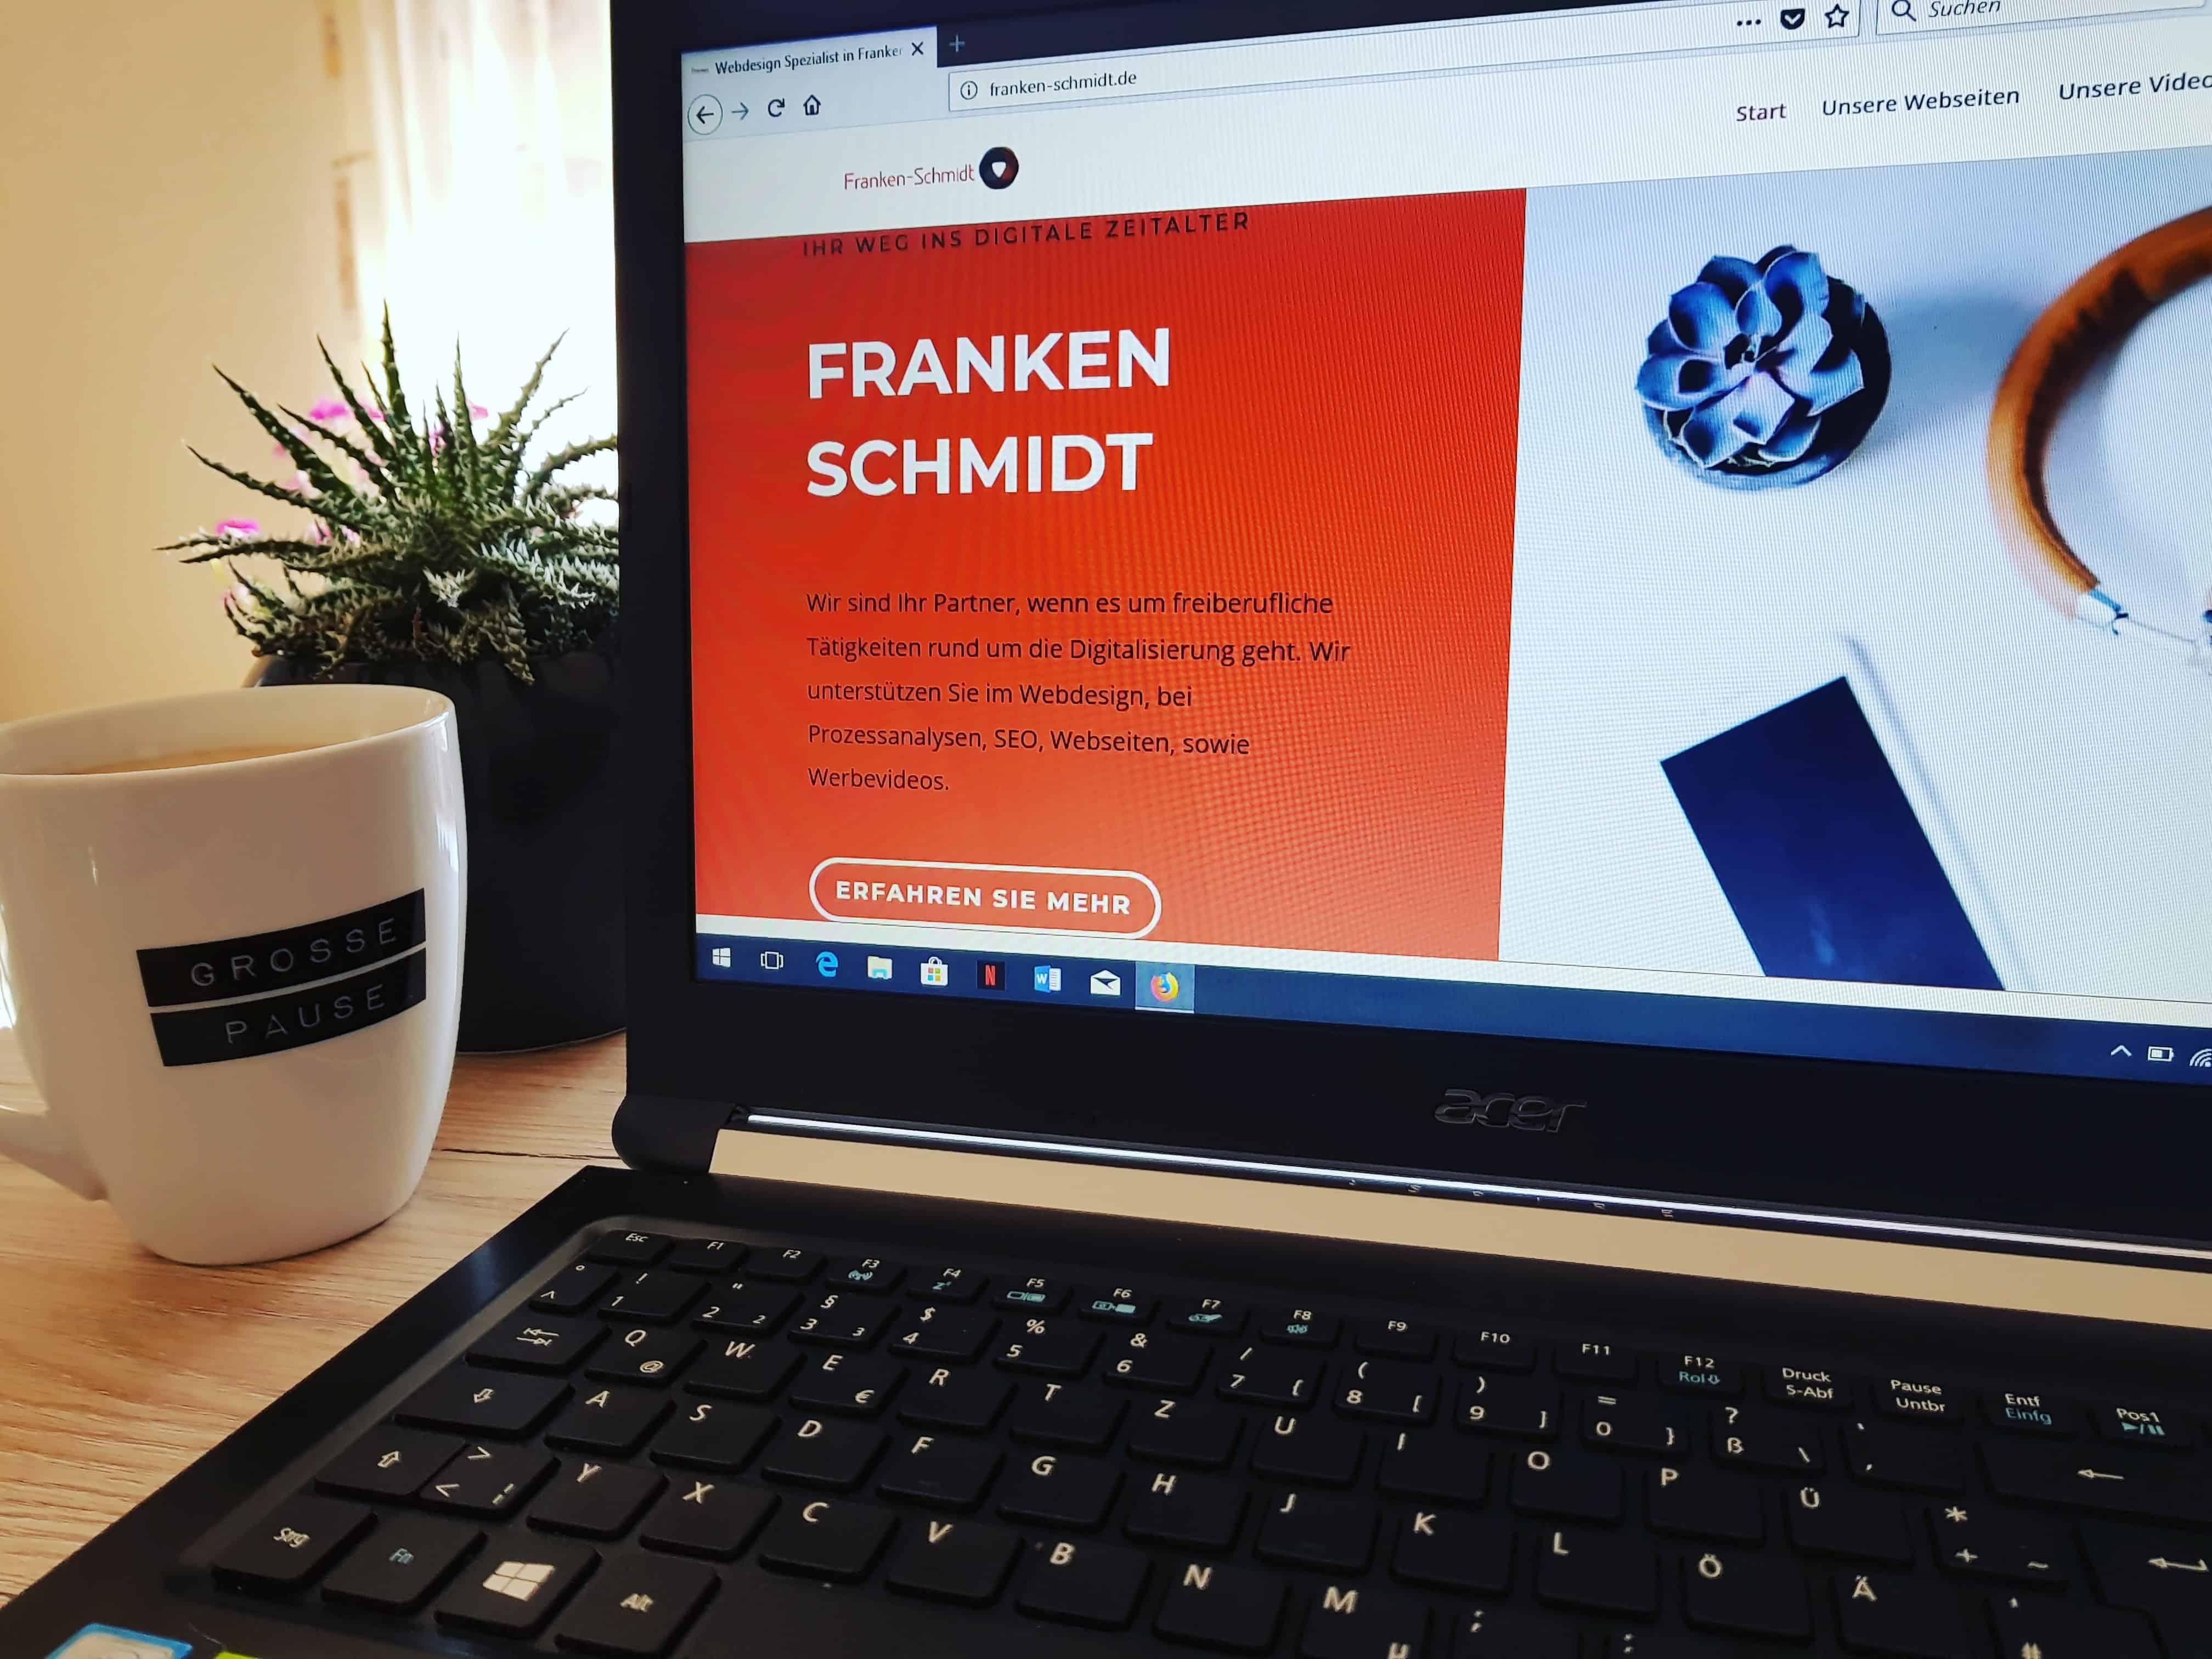 Franken-Schmidt bietet Werbevideos, Webseiten und vieles mehr!